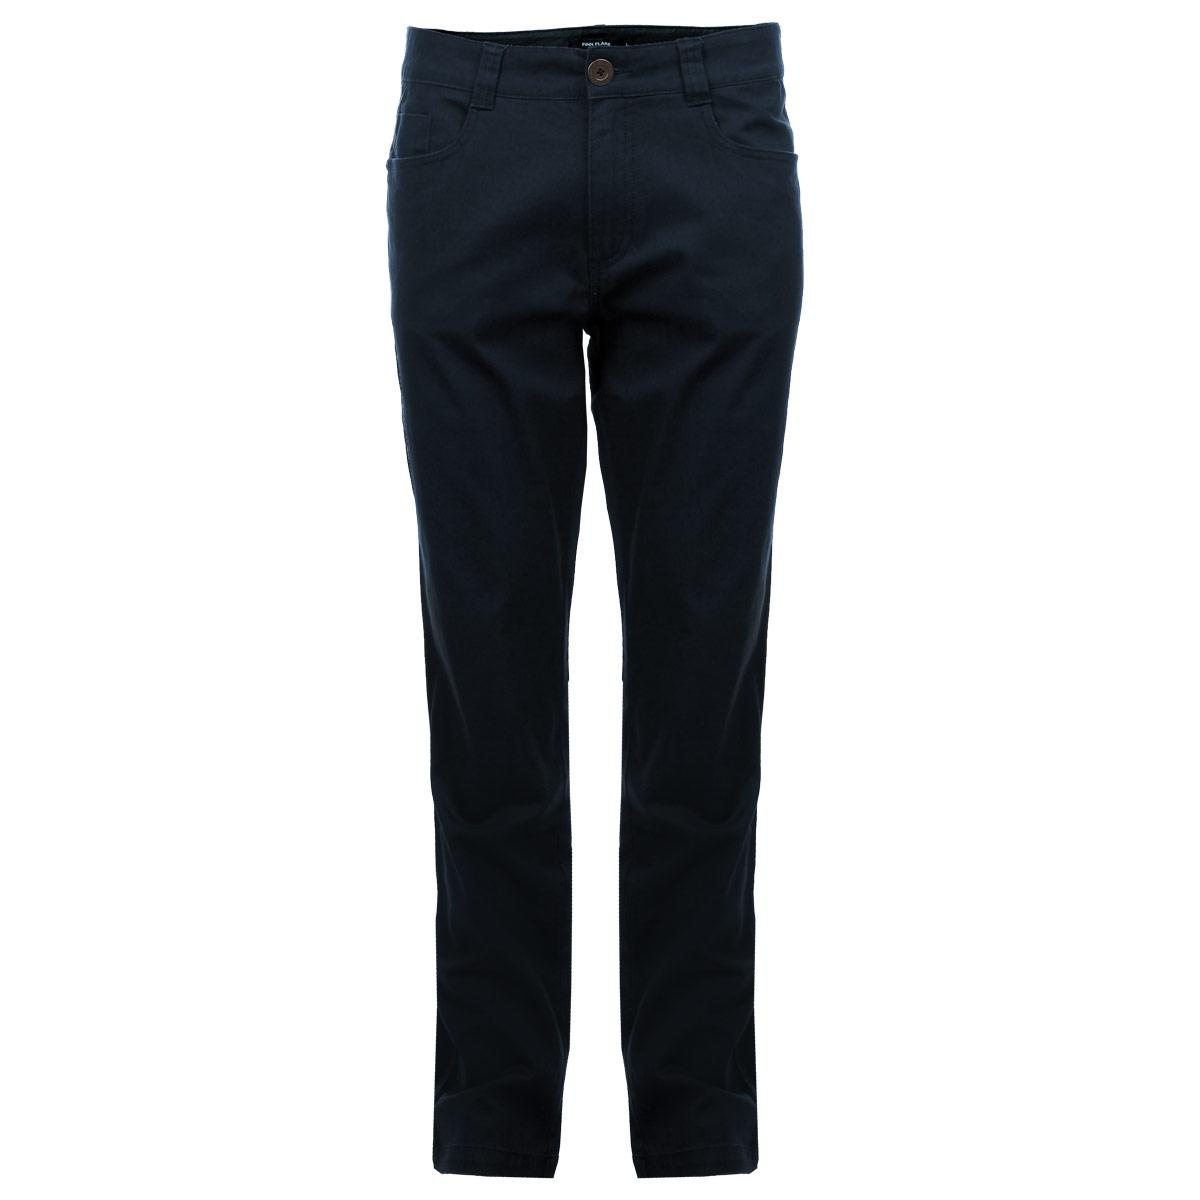 Брюки мужские. B15-22016B15-22016 613Стильные мужские брюки Finn Flare высочайшего качества, подходят большинству мужчин. Модель прямого кроя и средней посадки станет отличным дополнением к вашему современному образу. Брюки выполнены из плотного хлопкового материала. На поясе модель застегивается на пуговицу и имеет ширинку на застежке-молнии, также имеются шлевки для ремня. Спереди модель оформлена двумя втачными карманами и небольшим секретным кармашком, а сзади - двумя накладными карманами. Эти модные и в тоже время комфортные брюки послужат отличным дополнением к вашему гардеробу. В них вы всегда будете чувствовать себя уютно и комфортно.